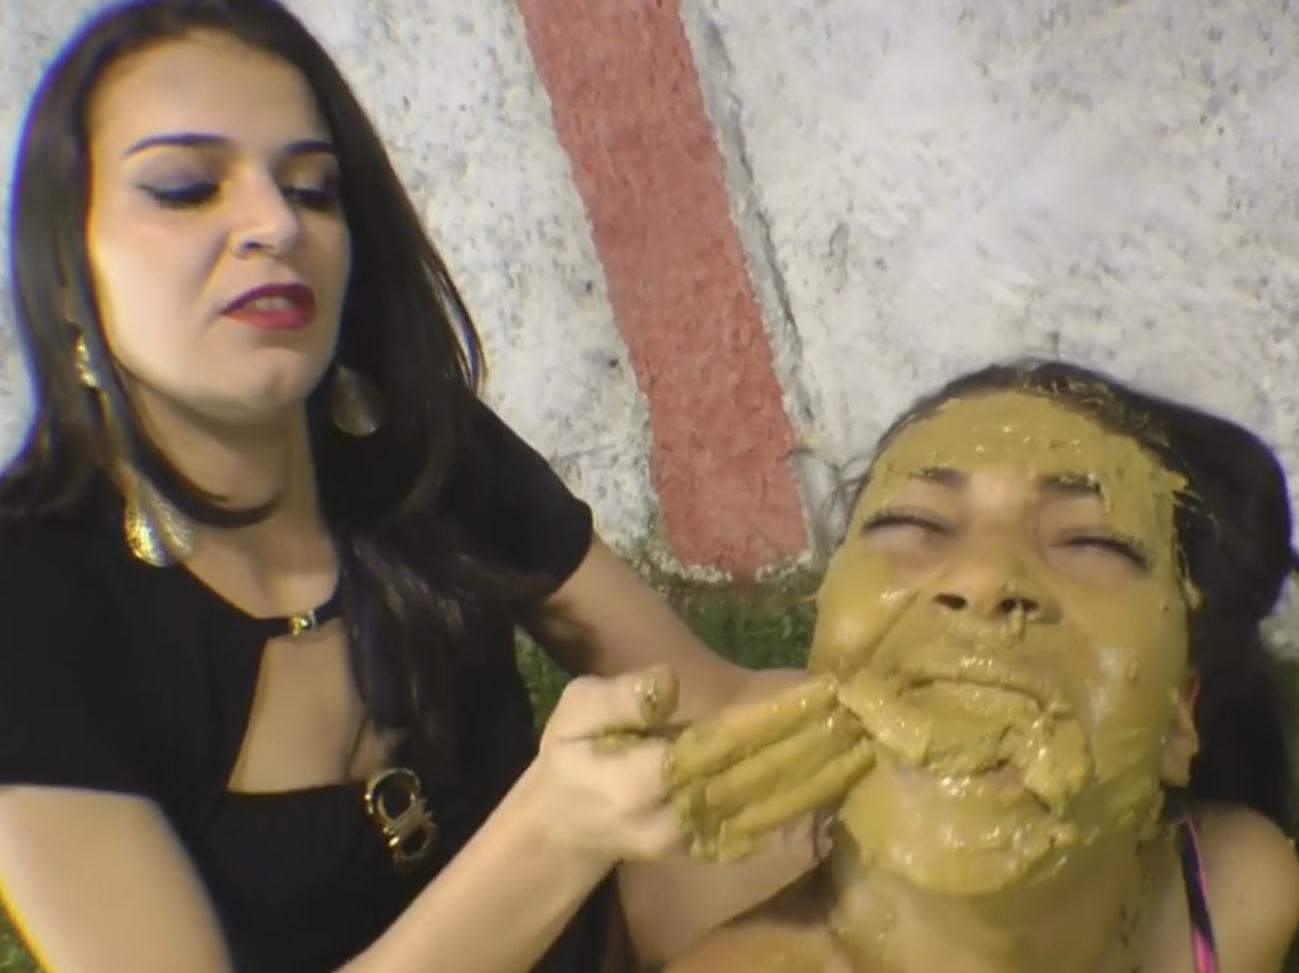 Bizarro mulher cagando na boca da outra gostosa - Cnn